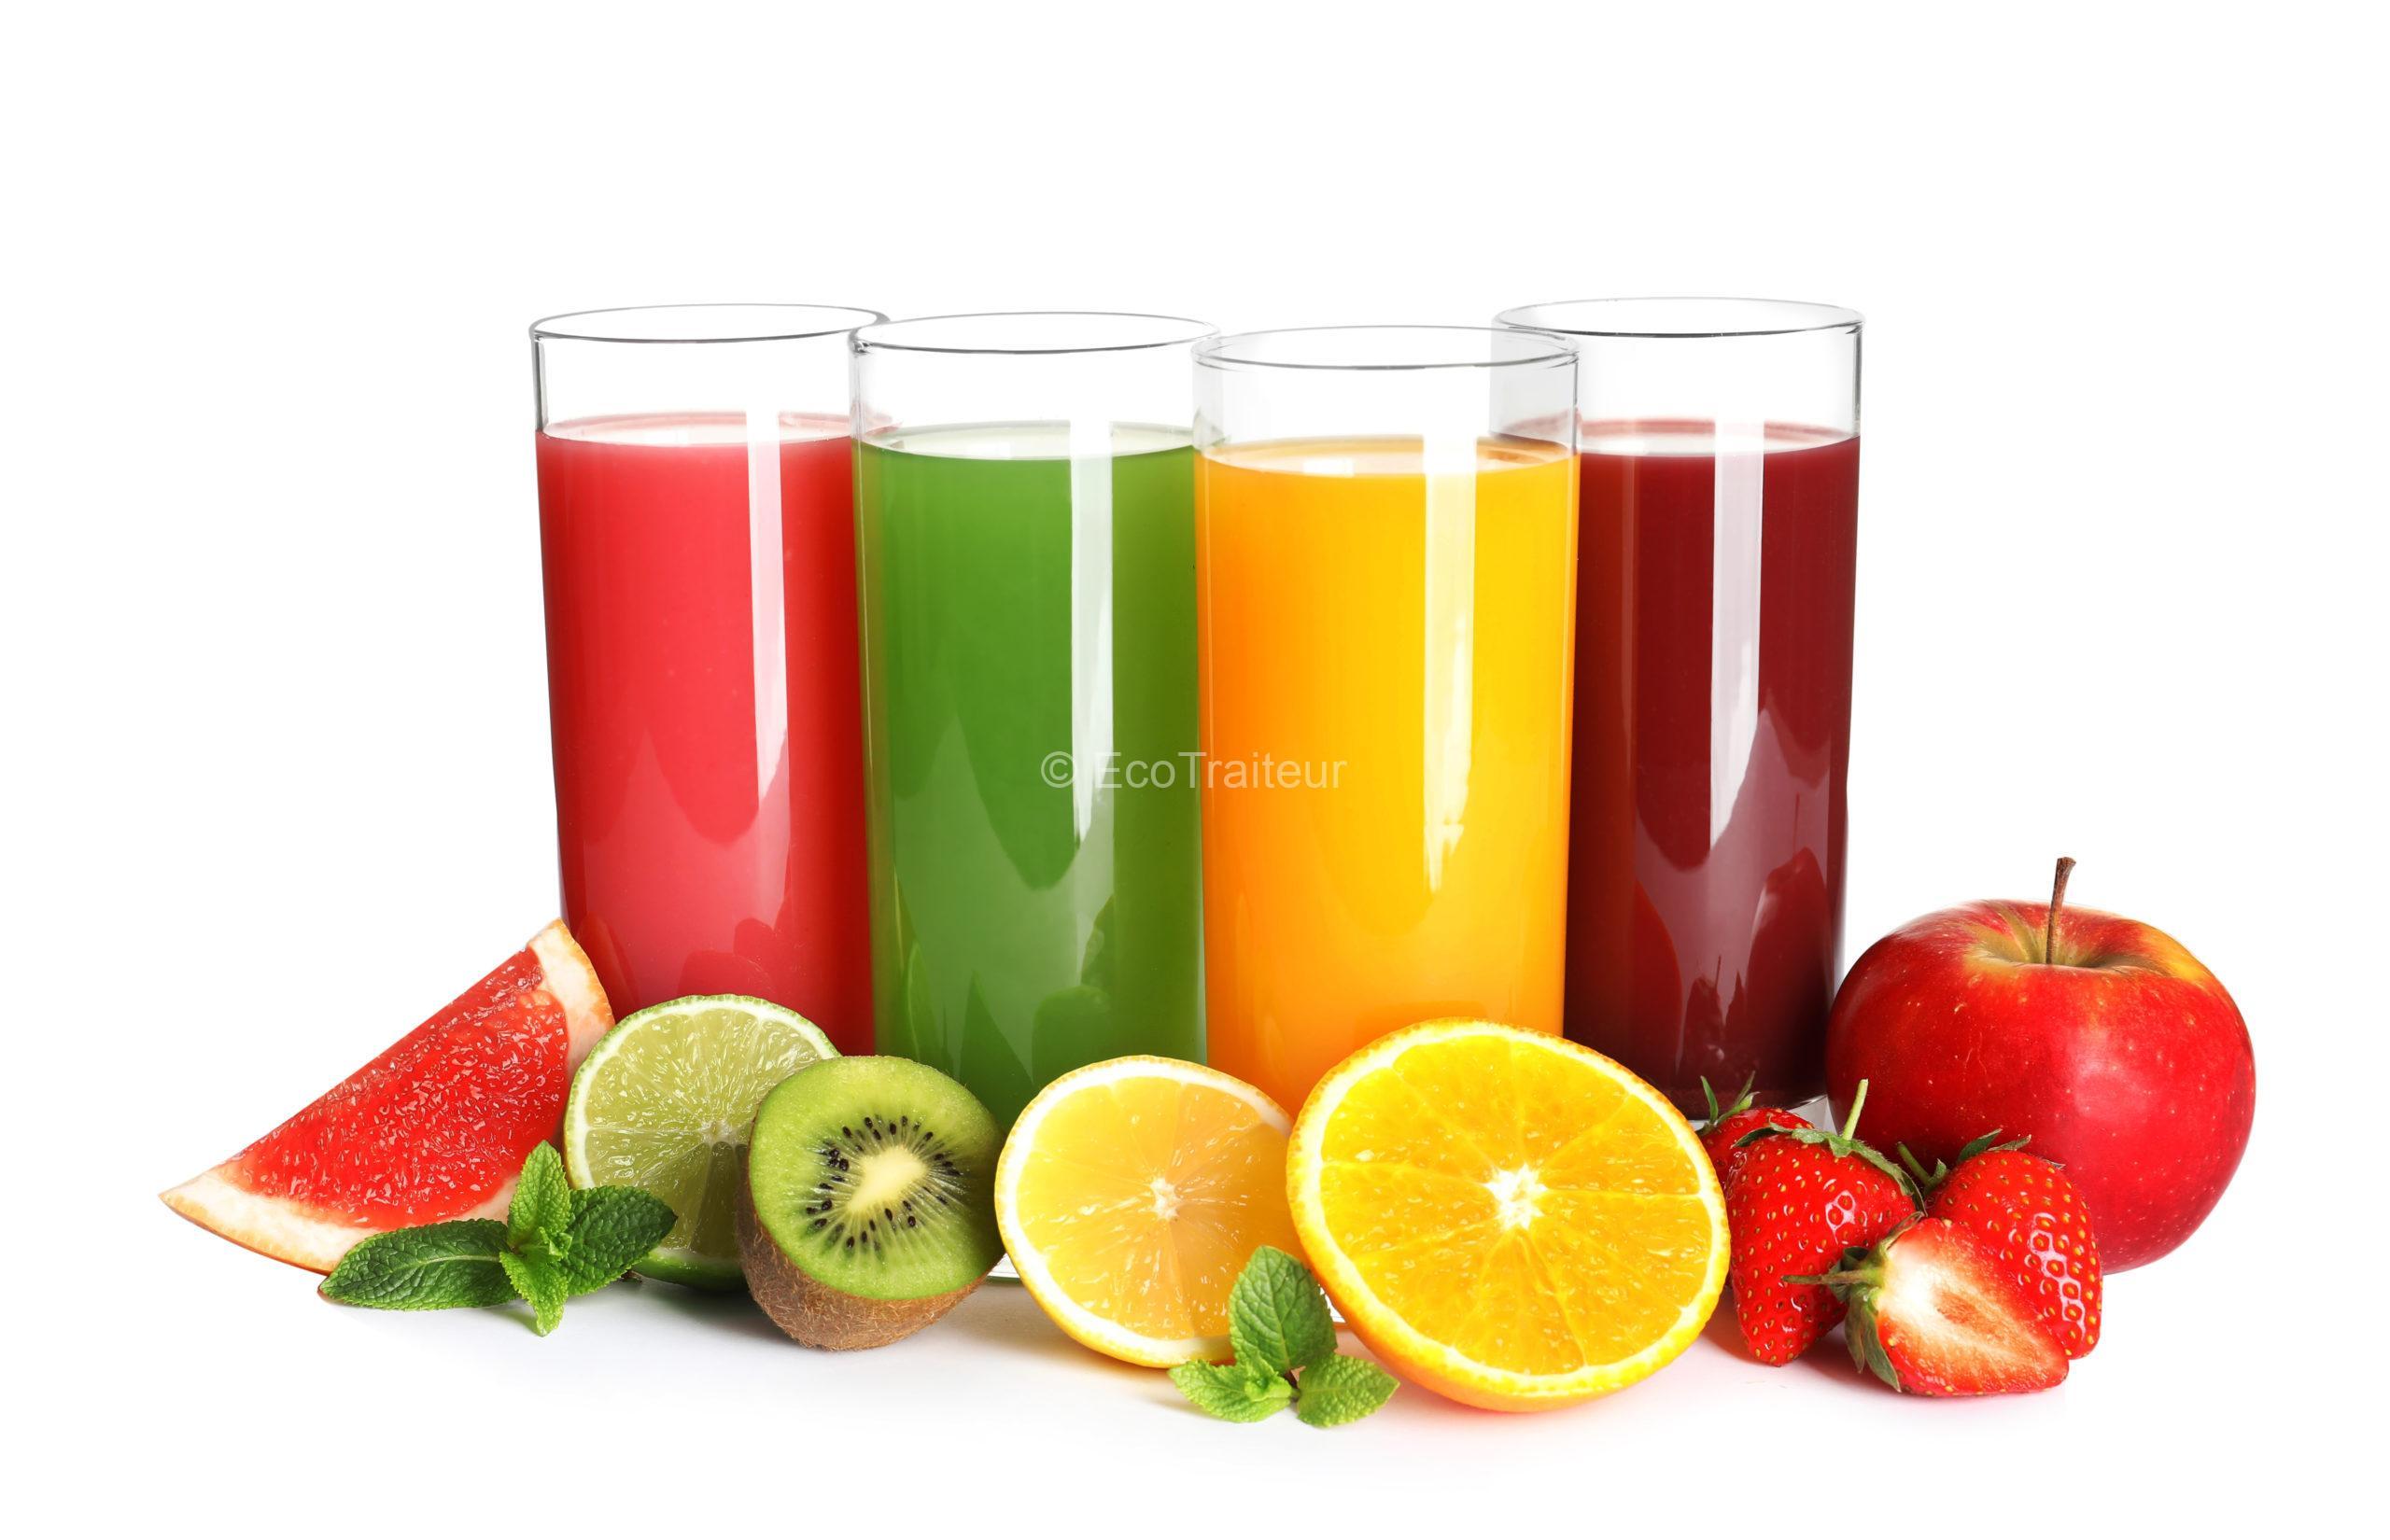 Jus de fruit eco traiteur paris ultra frais pressé minute